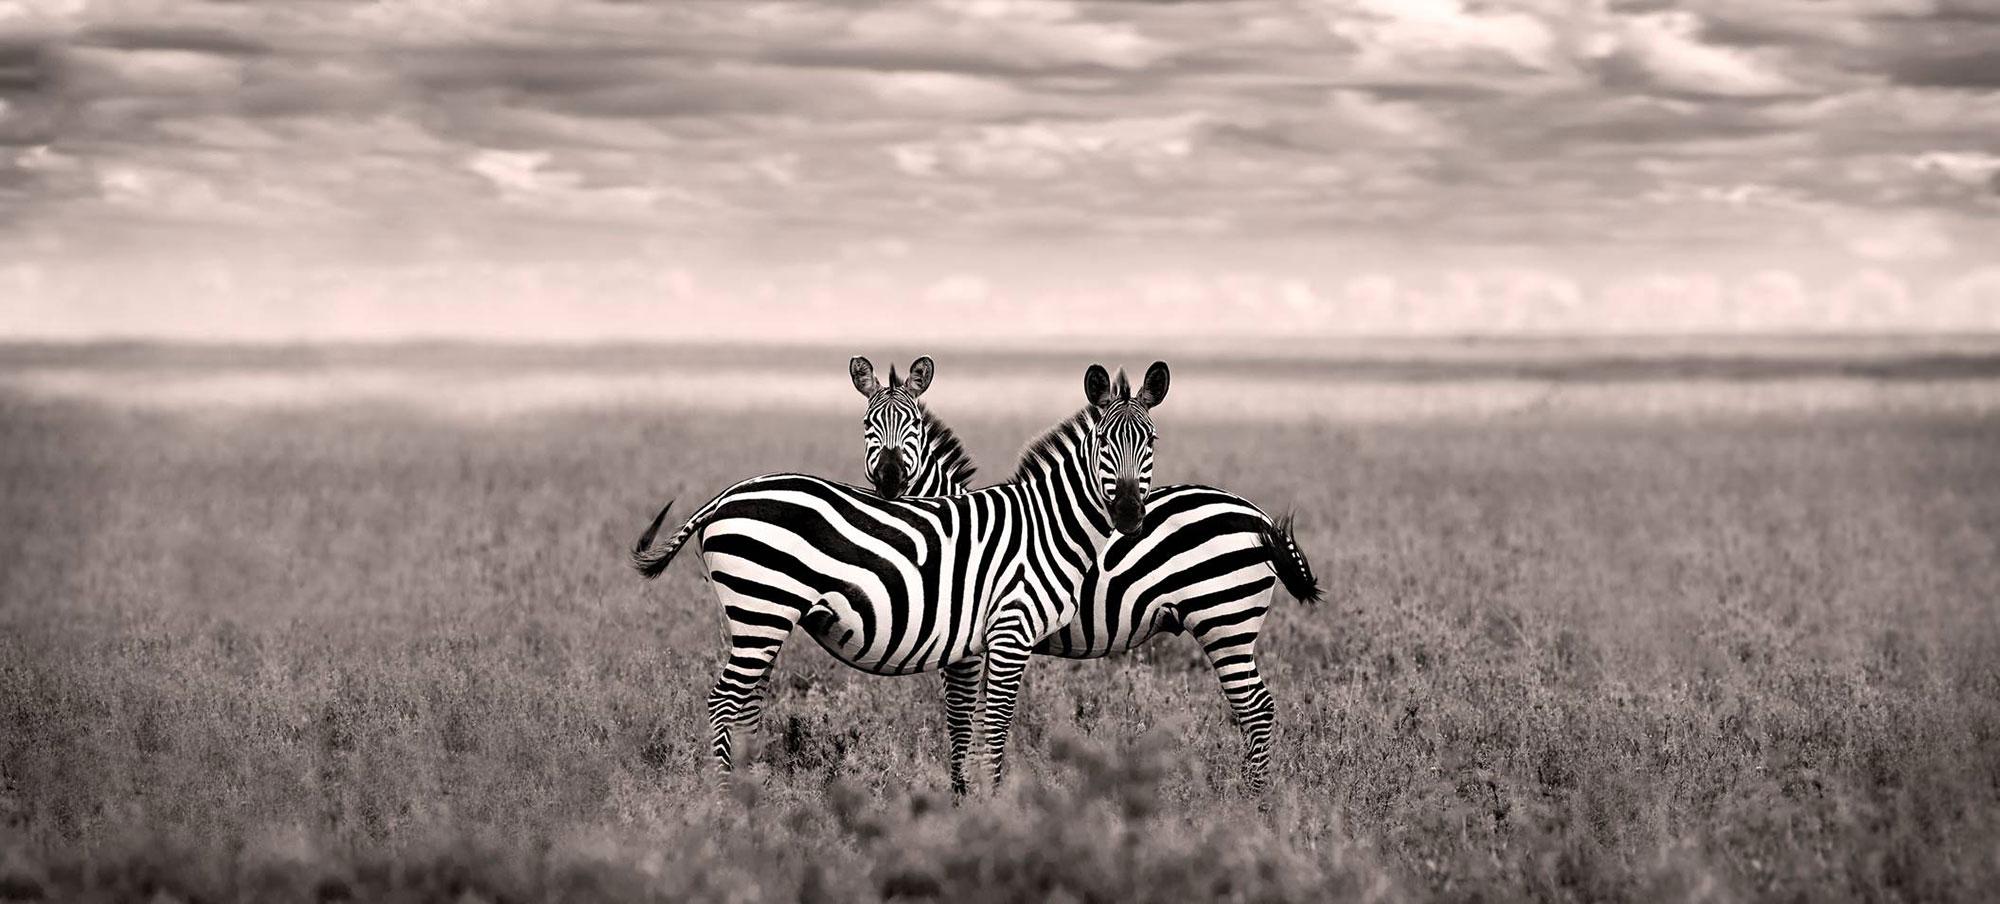 Venera Zebras Preview